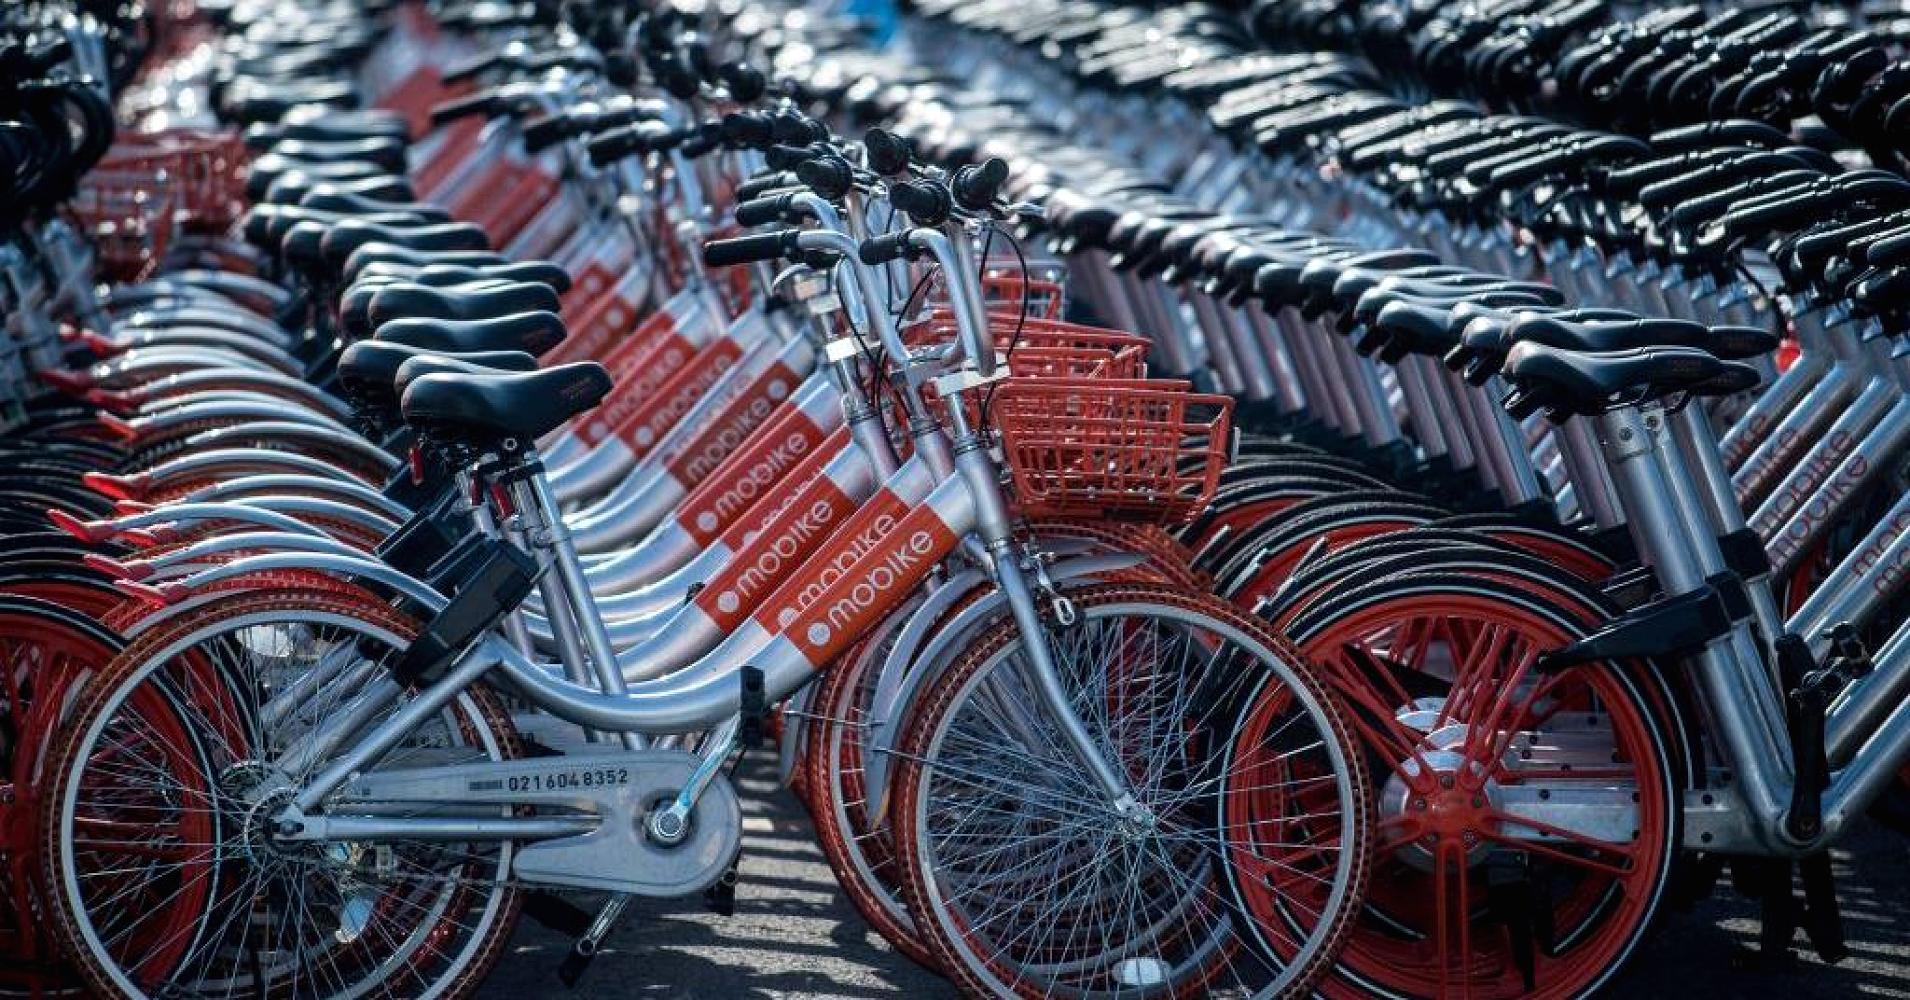 中国共享单车热潮渐退 印度欲引进自行车技术提振制造业